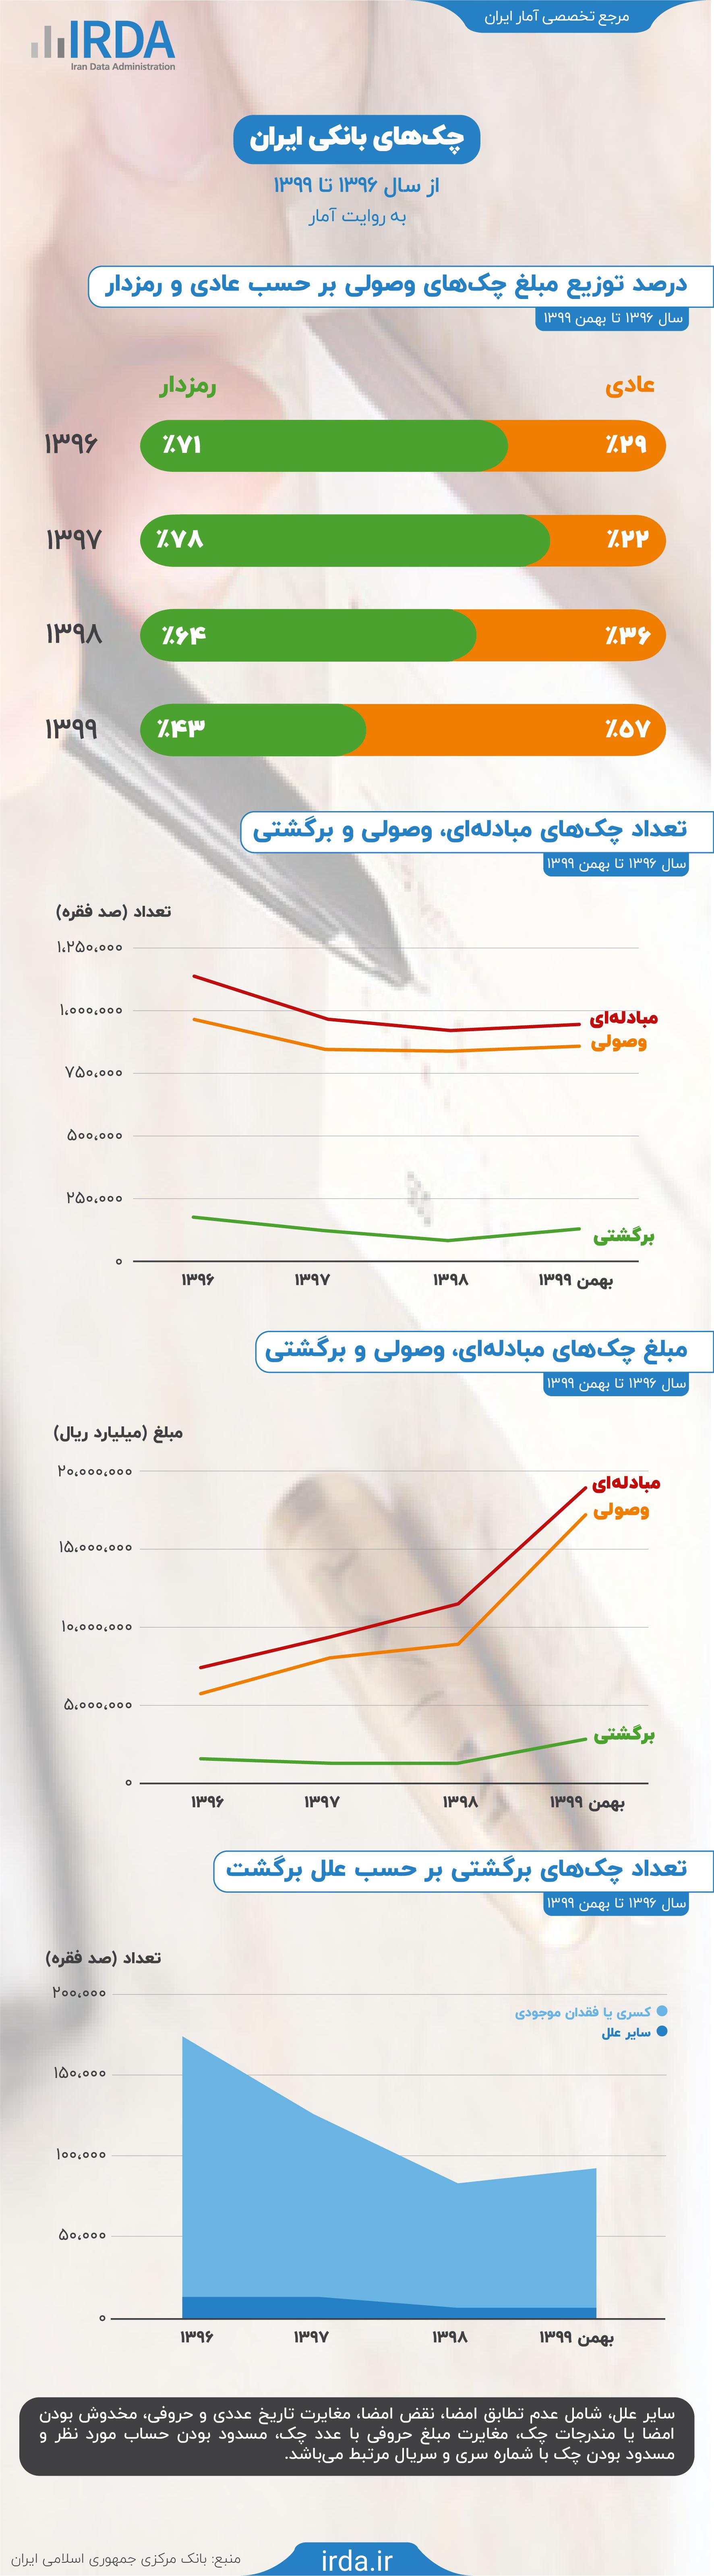 چک های بانکی ایران به روایت آمار